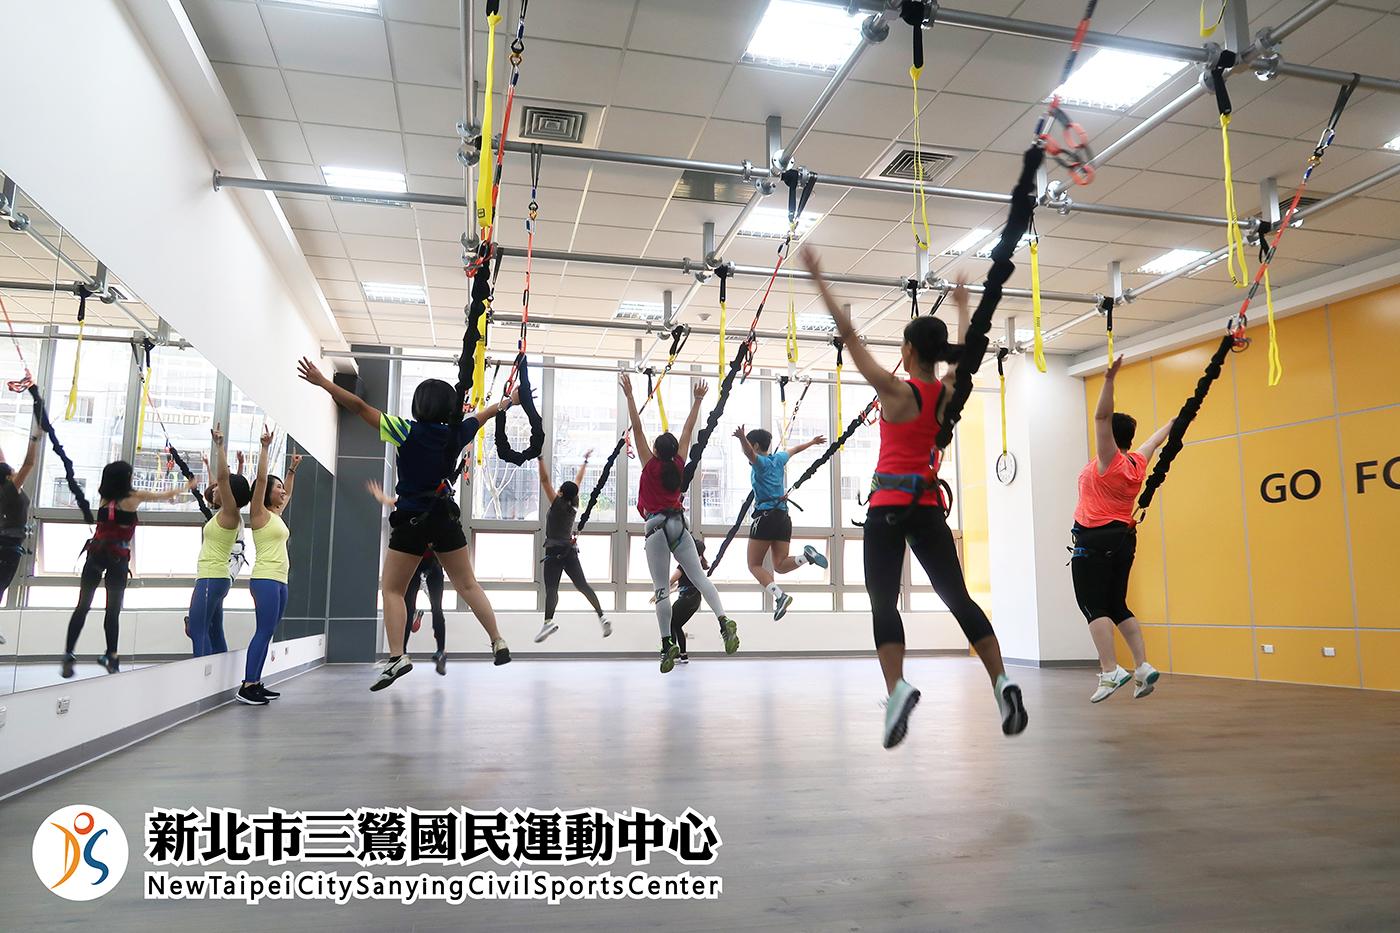 多功能教室A-學員使用吊繩(jpg)